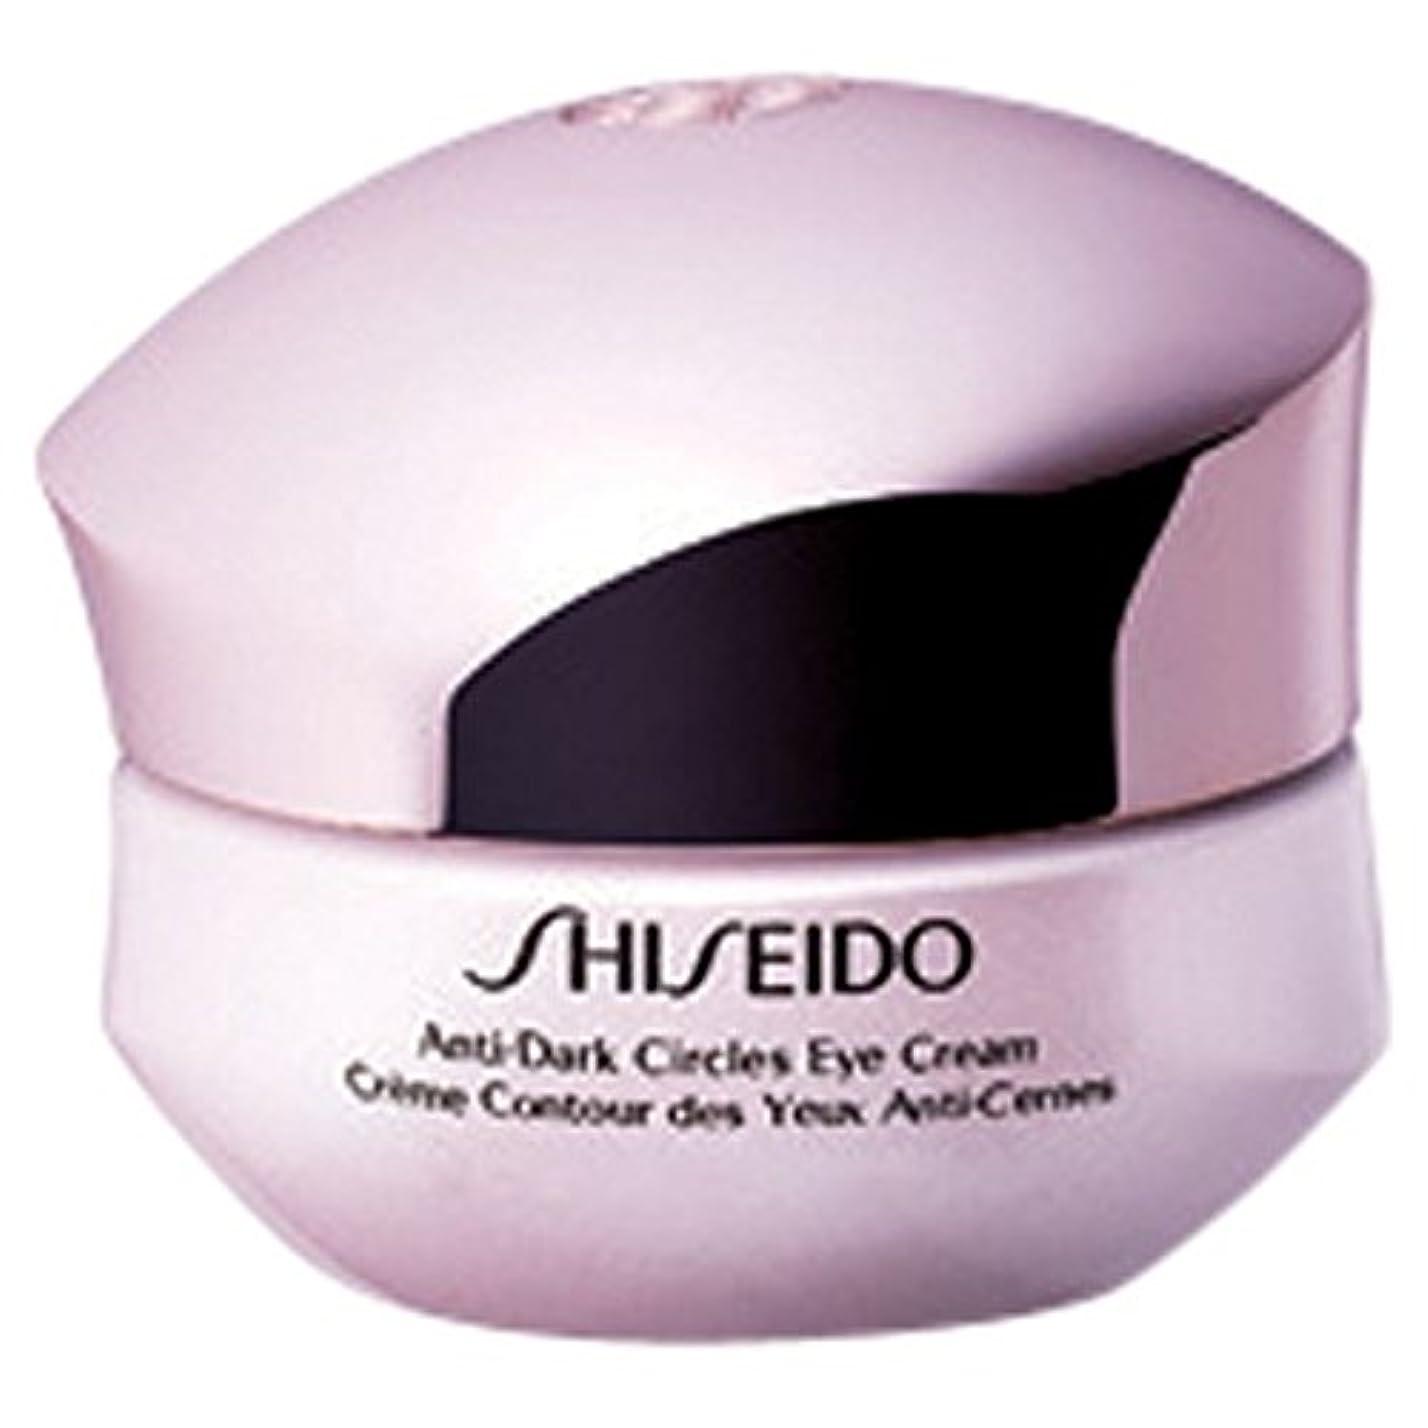 送料あえぎプレゼン[Shiseido] 資生堂アンチダークサークルアイクリーム15Ml - Shiseido Anti-Dark Circle Eye Cream 15ml [並行輸入品]